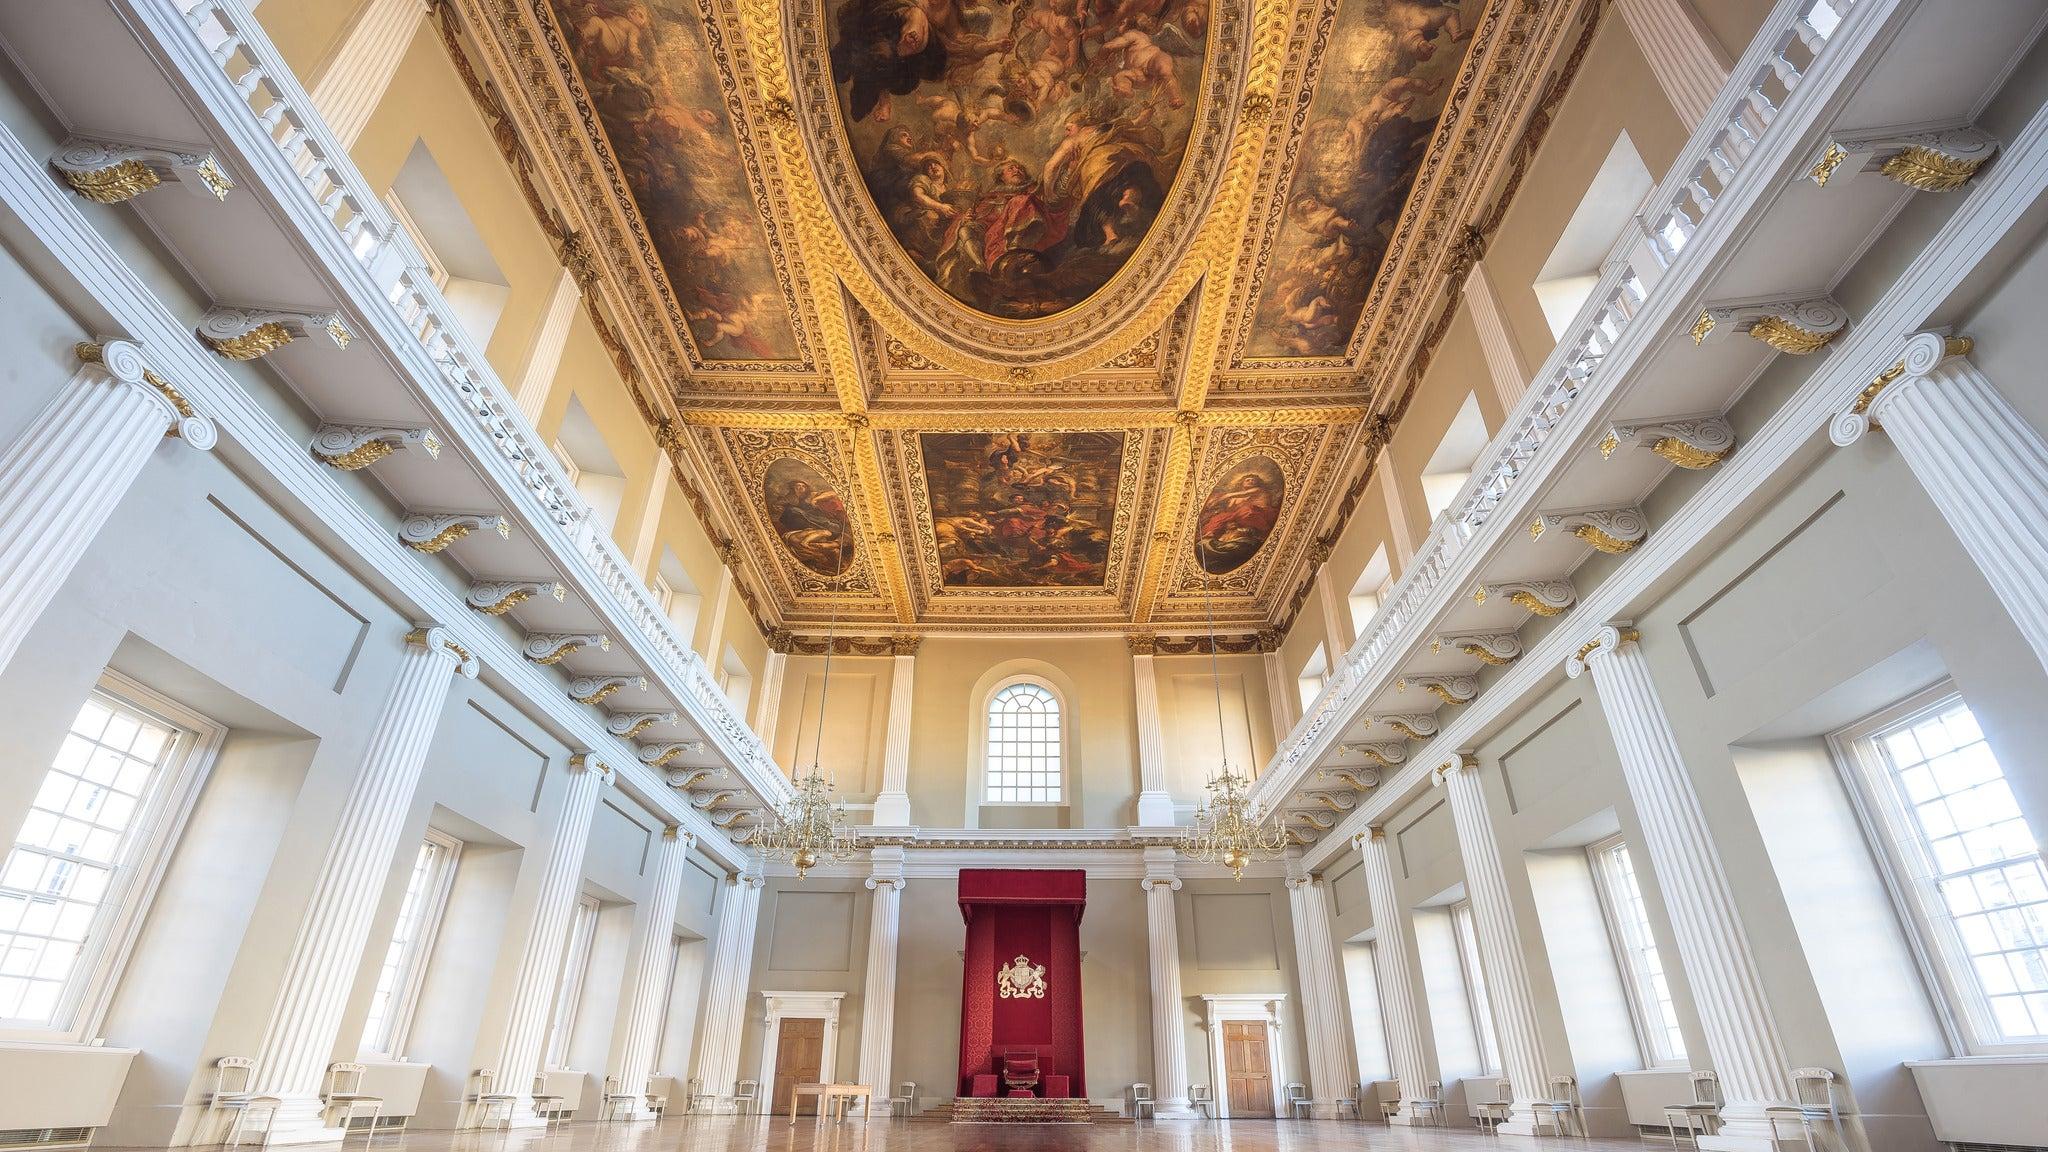 Historic Royal Palaces - the Banqueting House